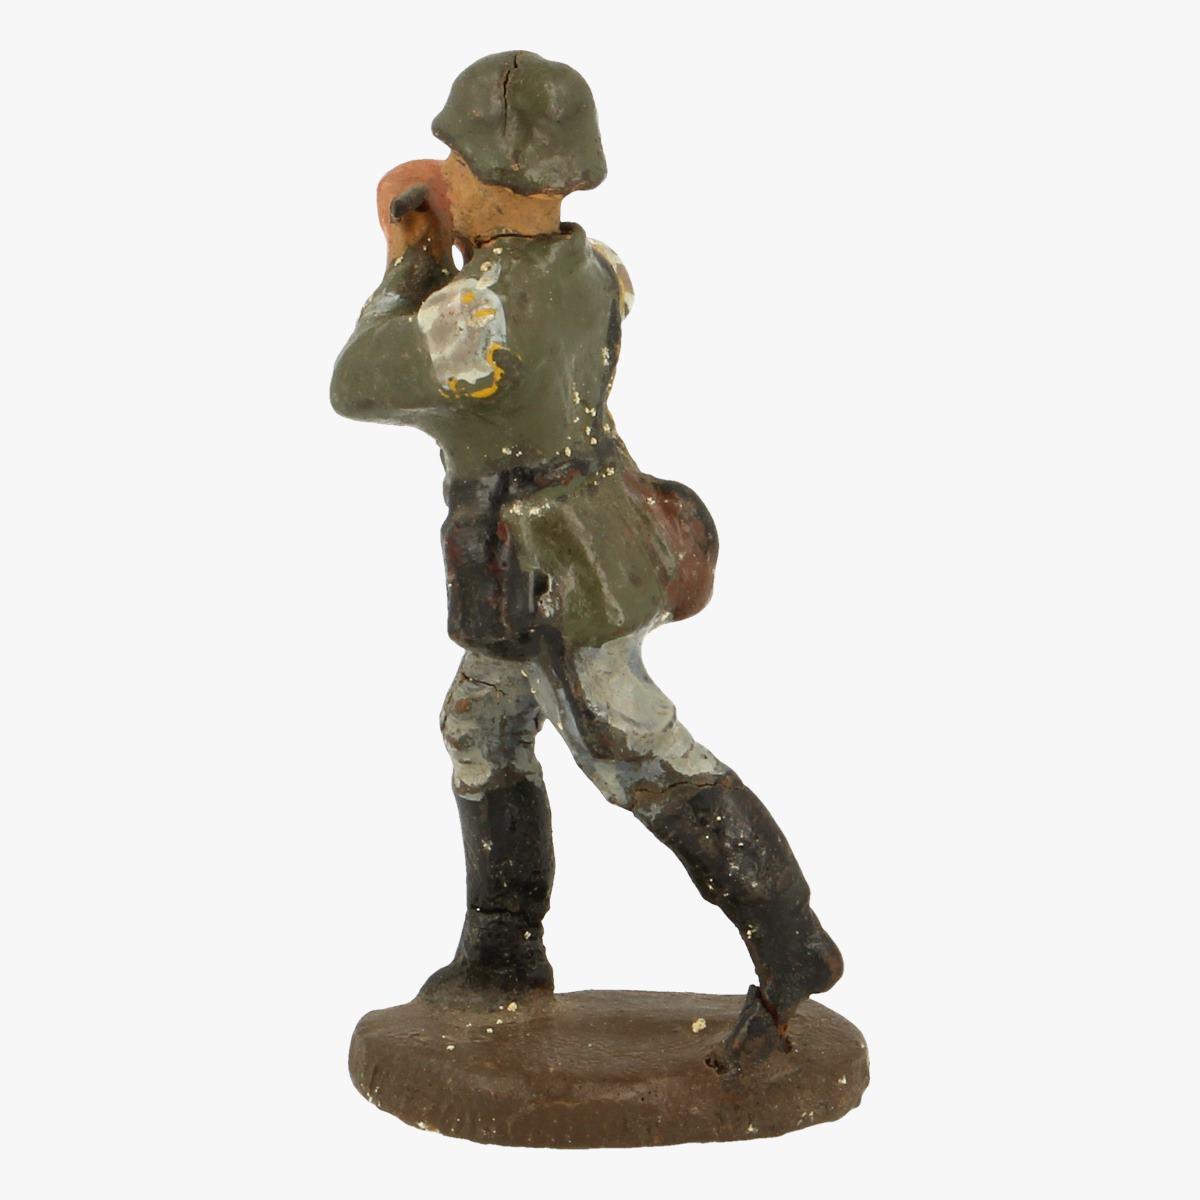 Afbeeldingen van elastolin soldaatje elastolin Germany